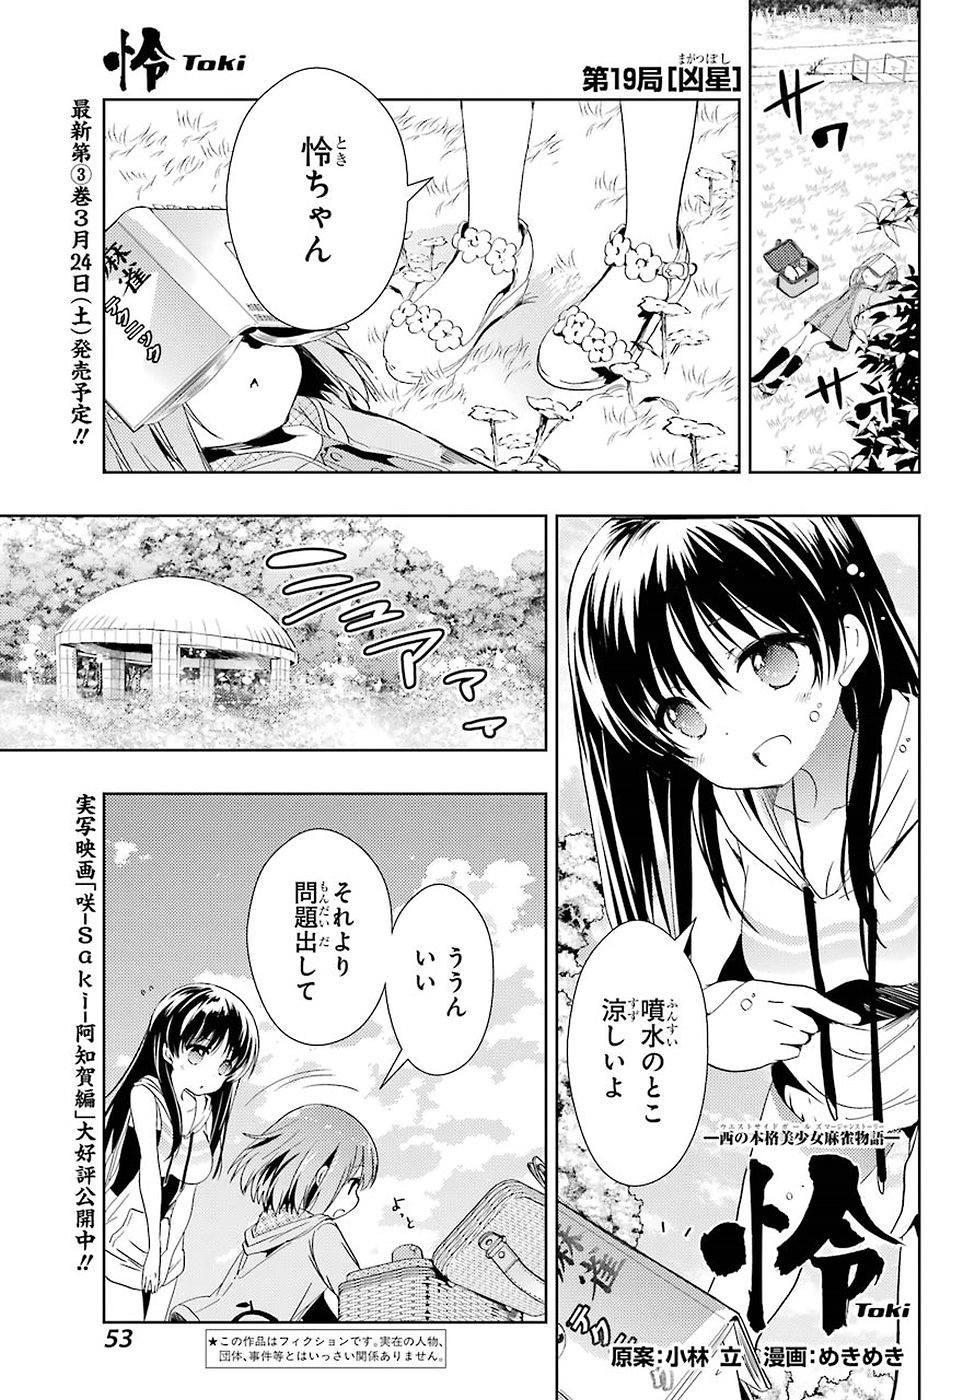 Toki-Kobayashi-Ritz Chapter 019 Page 1